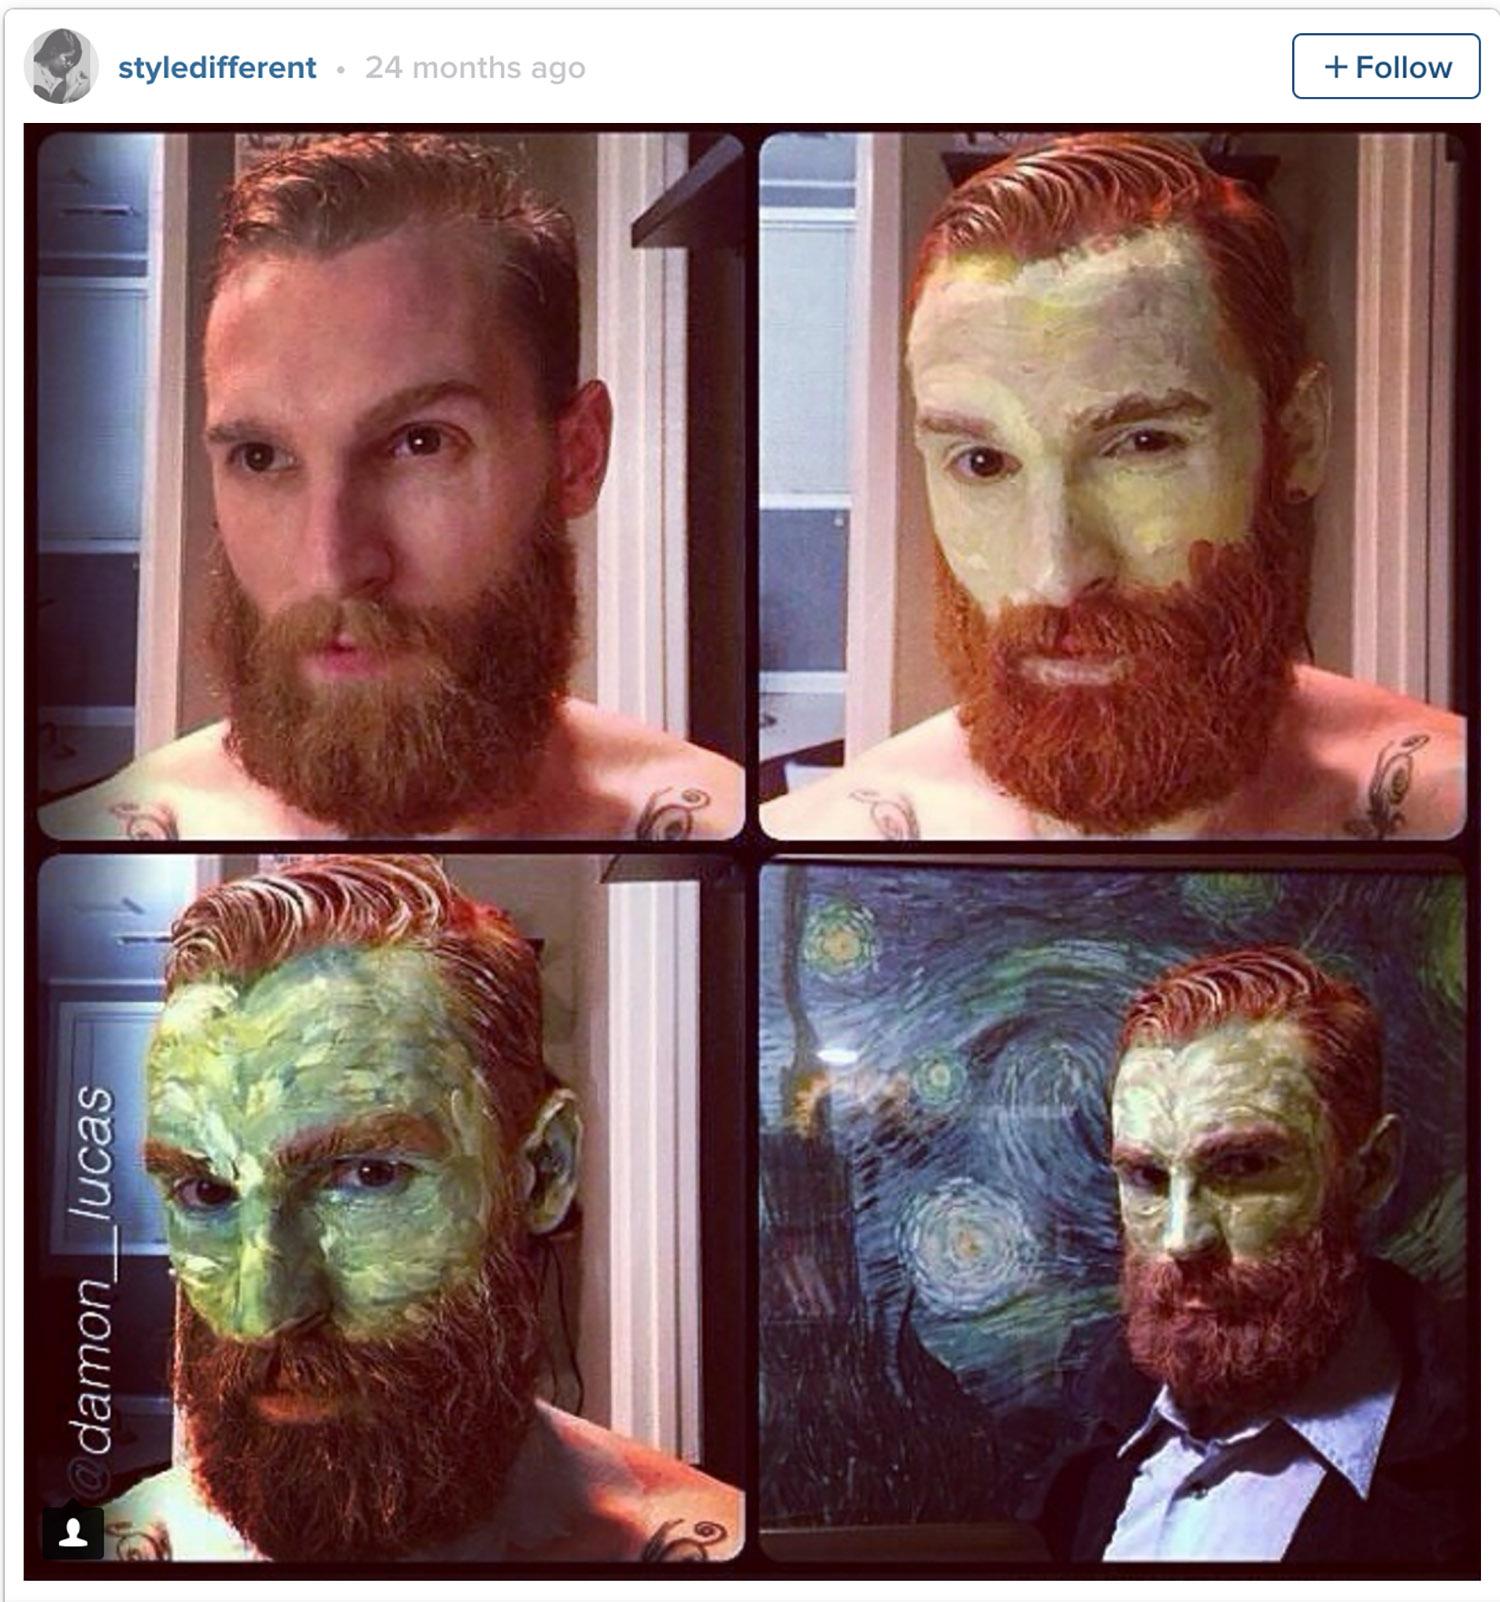 Vincent_Van_Gogh_Halloween_Makeup